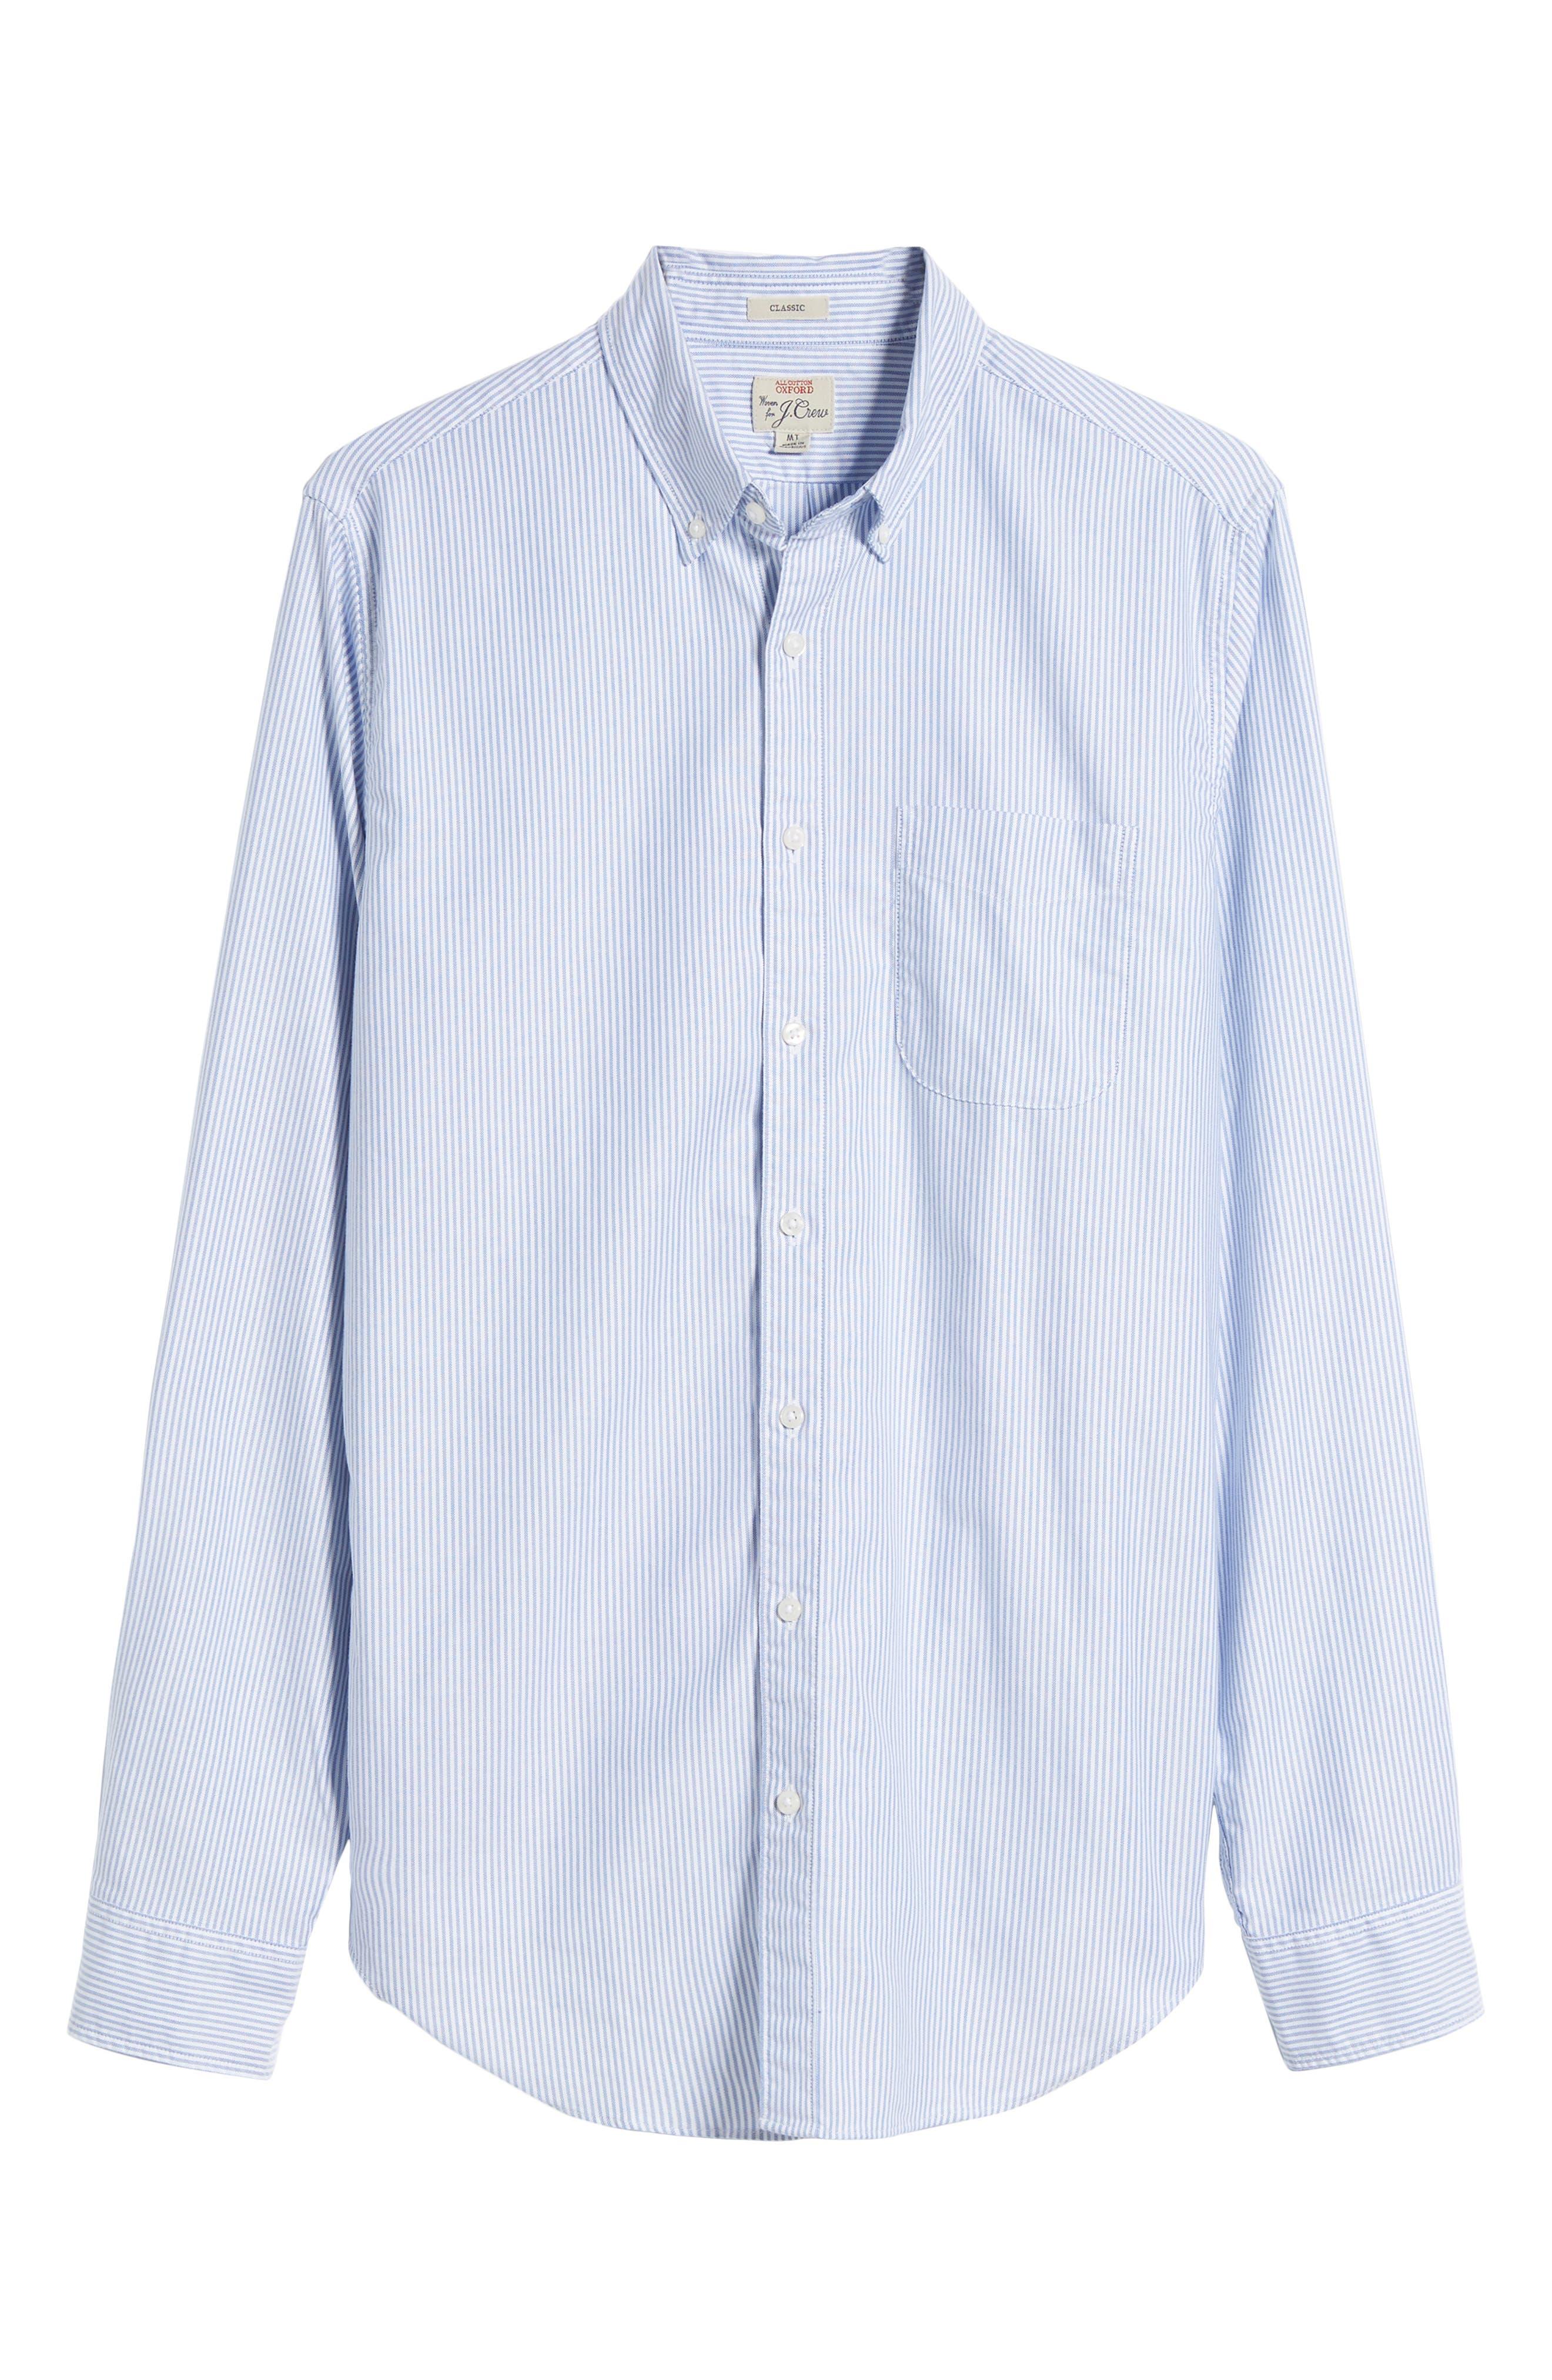 Slim Fit Stretch Pima Cotton Oxford Shirt,                         Main,                         color, Raincoat Blue